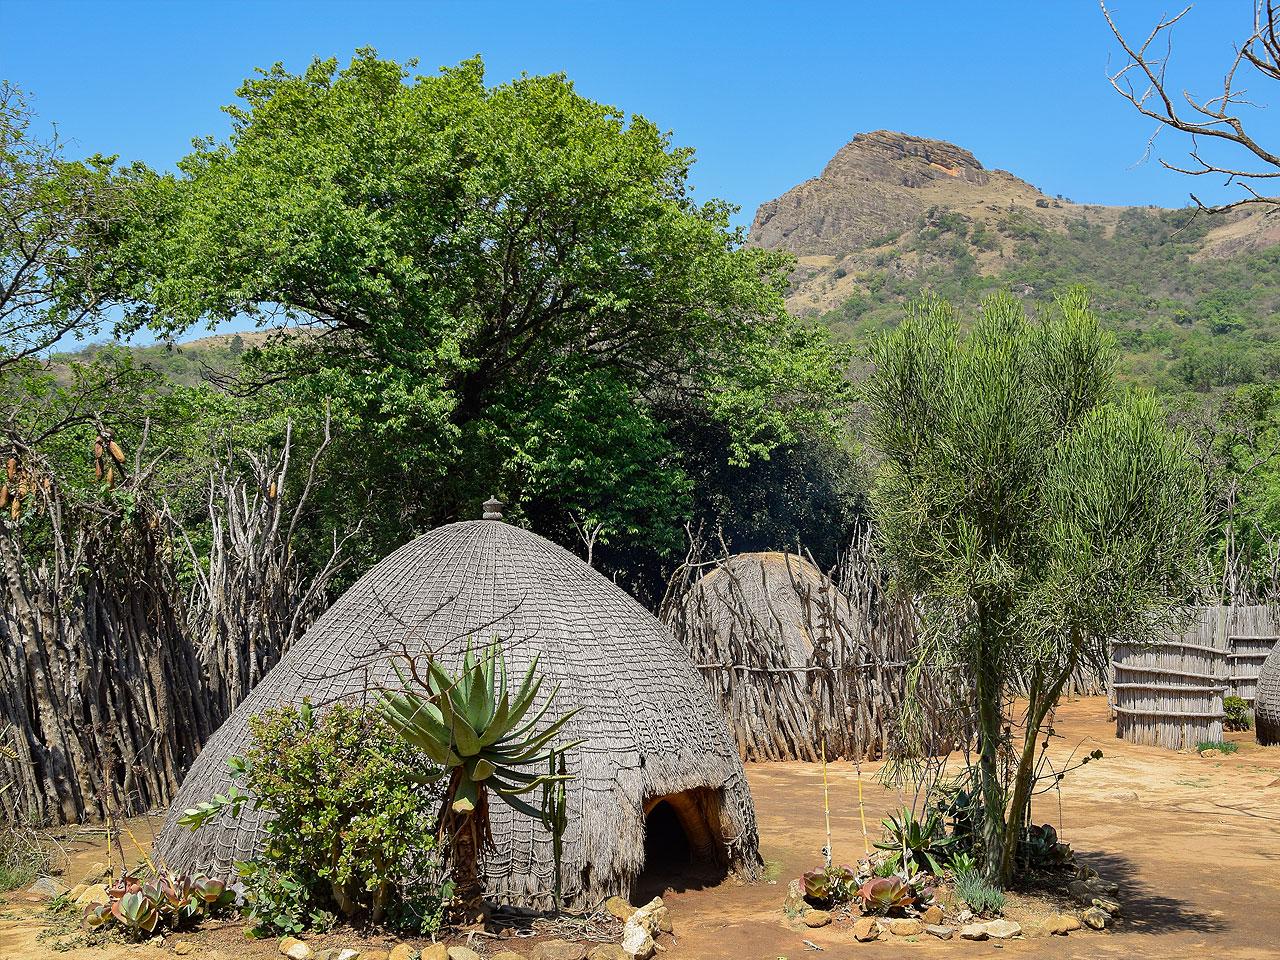 Swaziland (Kingdom of Eswatini)